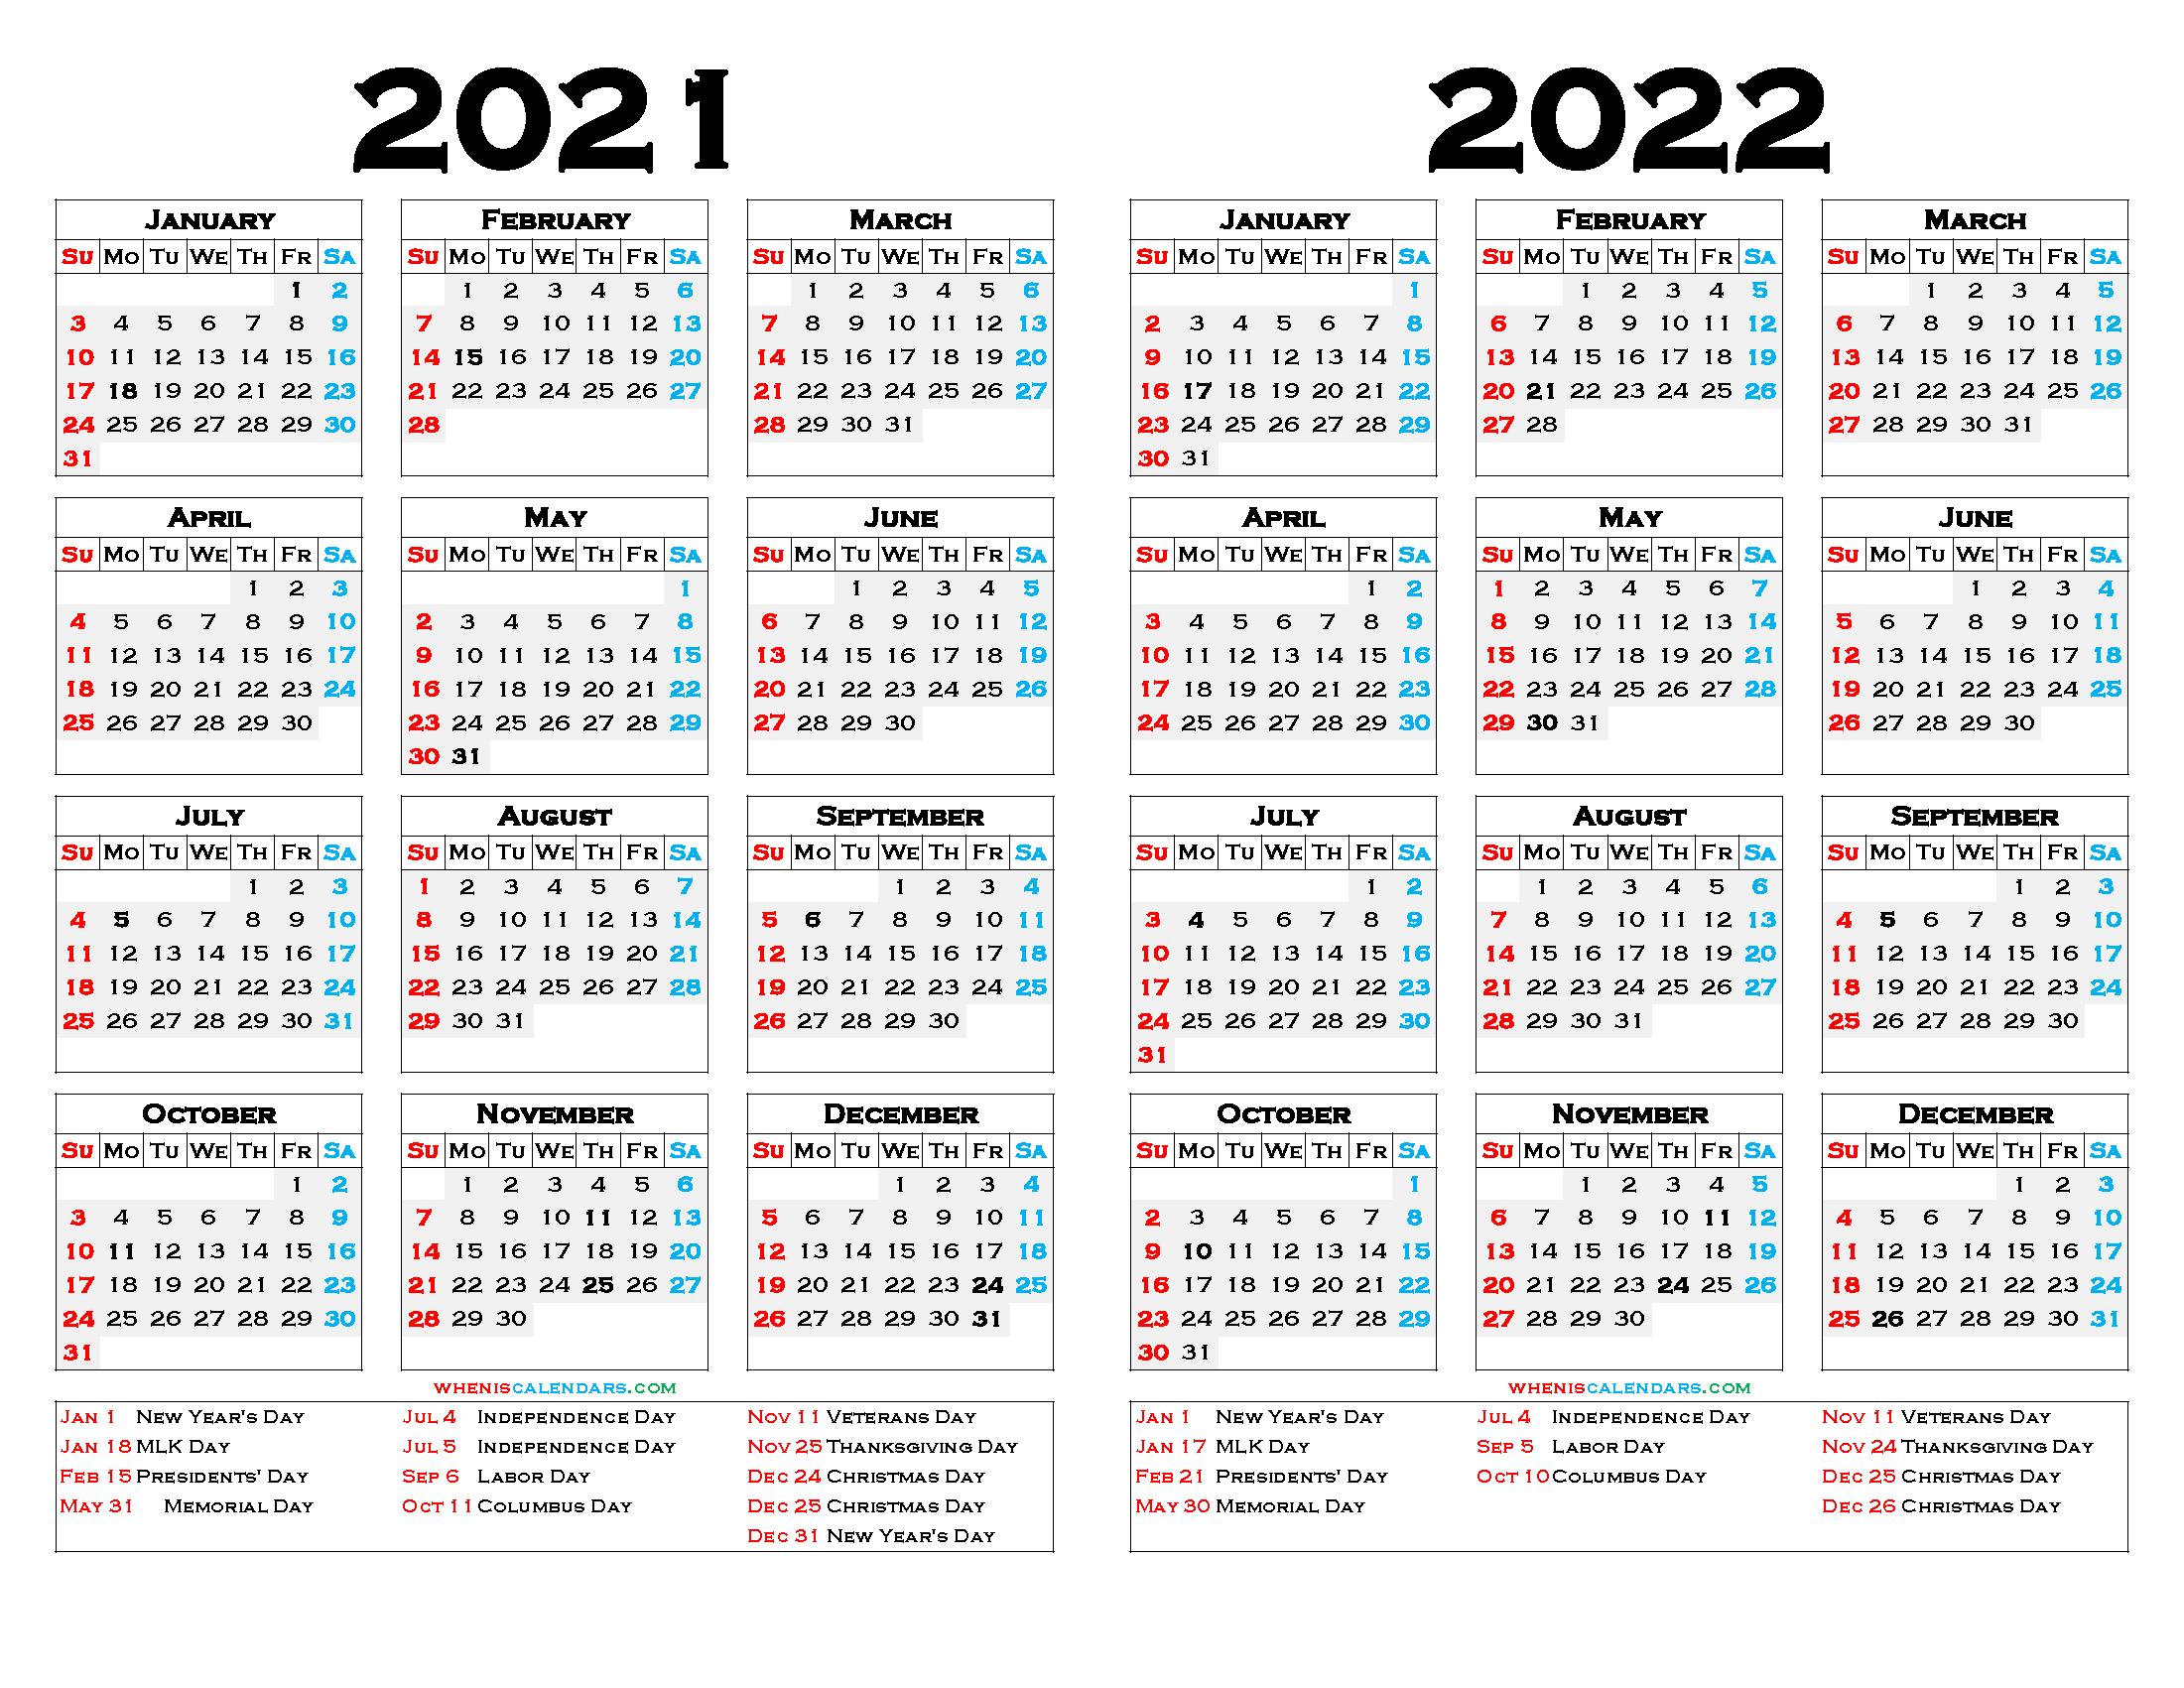 2021 and 2022 Calendar Printable Free